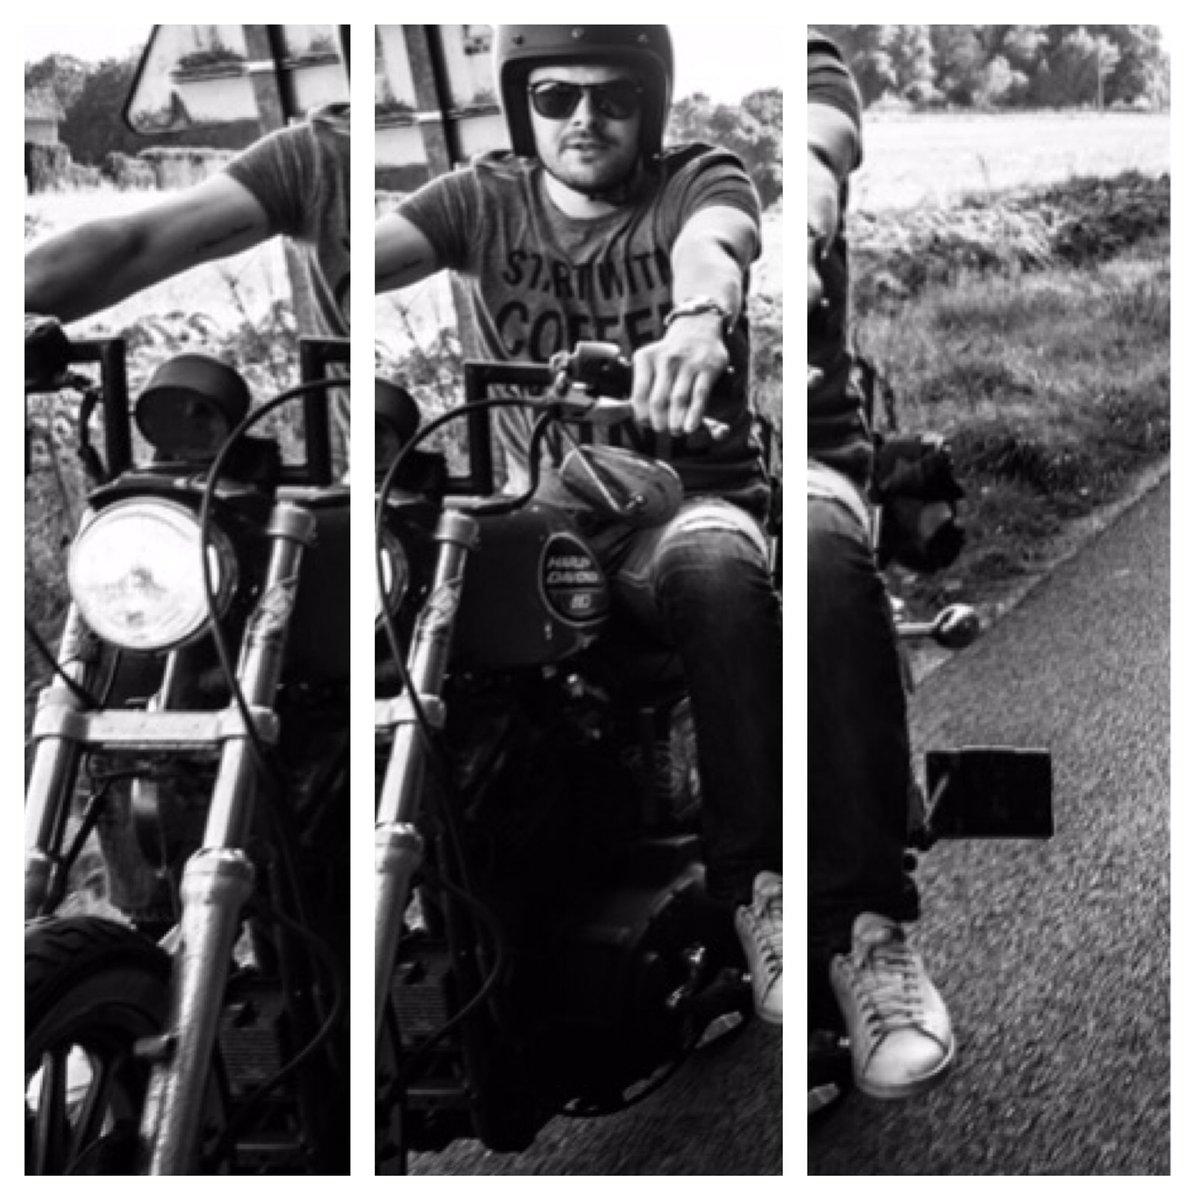 Nico, la nouvelle recrue qui déchire ️ #blog #passion #auto #moto   http://www. leblog-carspassion.fr/actus-web/la-t eam-sagrandit &nbsp; … <br>http://pic.twitter.com/ActKfBQElT